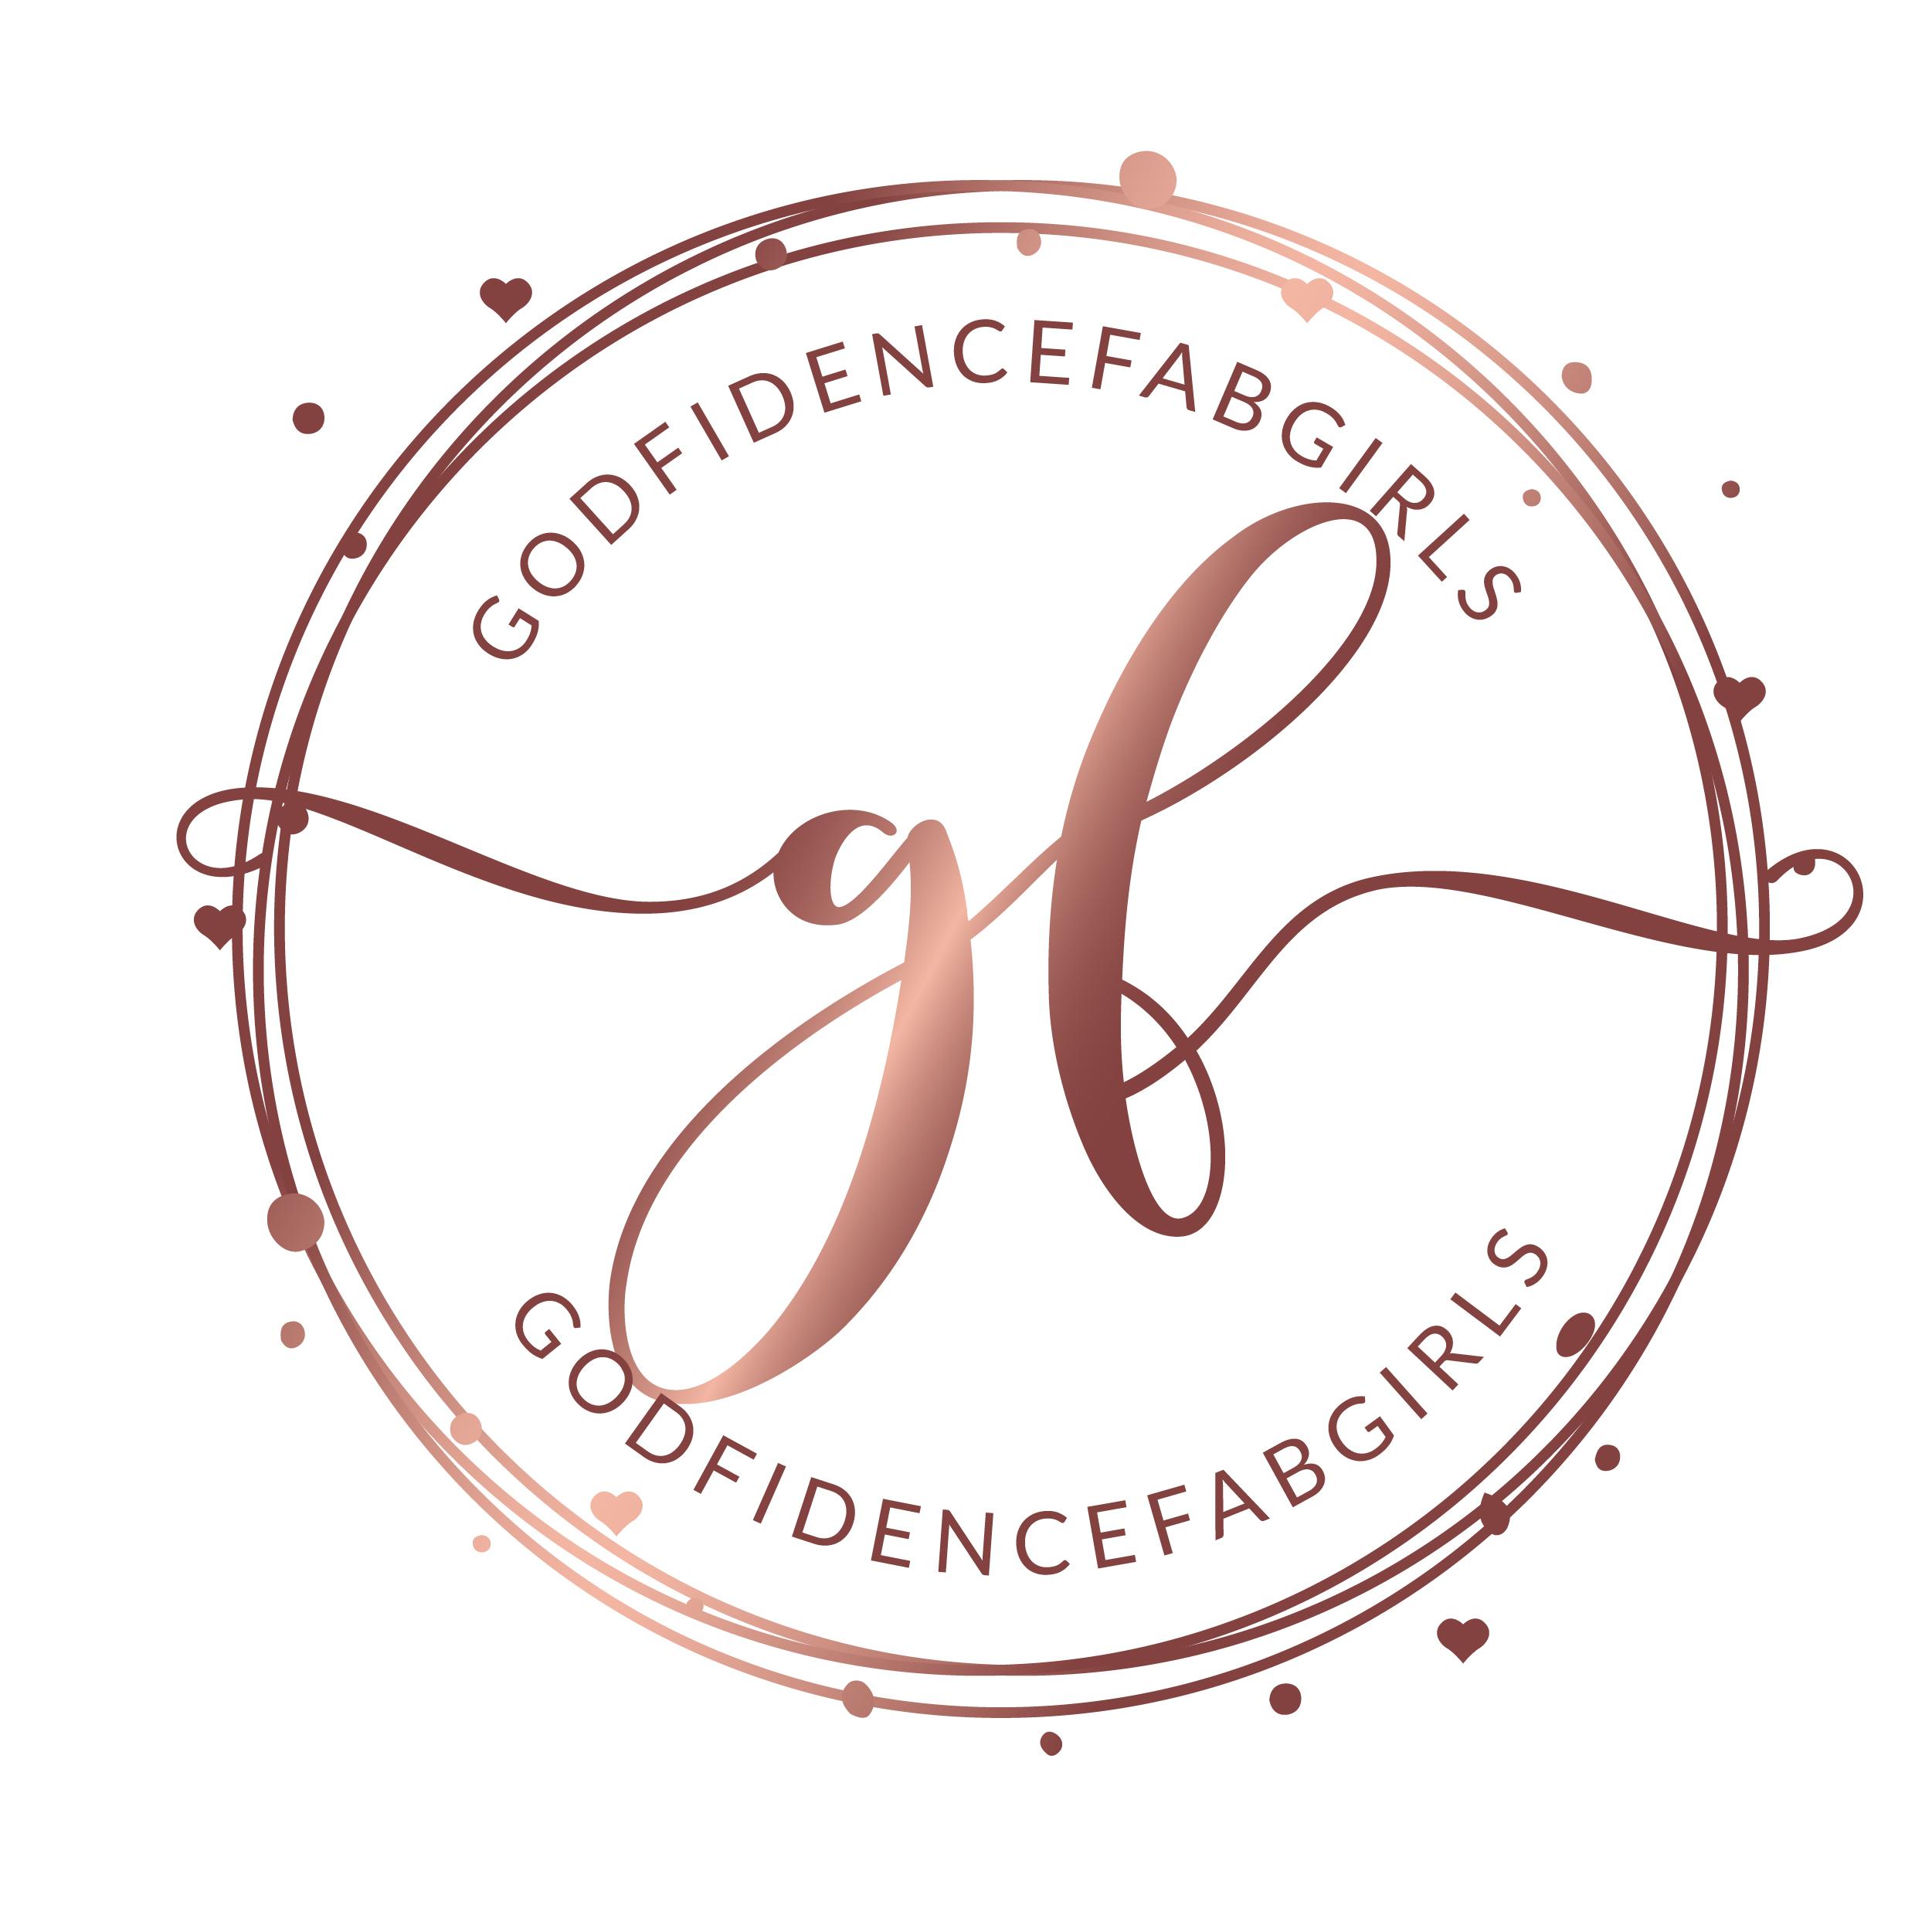 Godfidencefabgirls